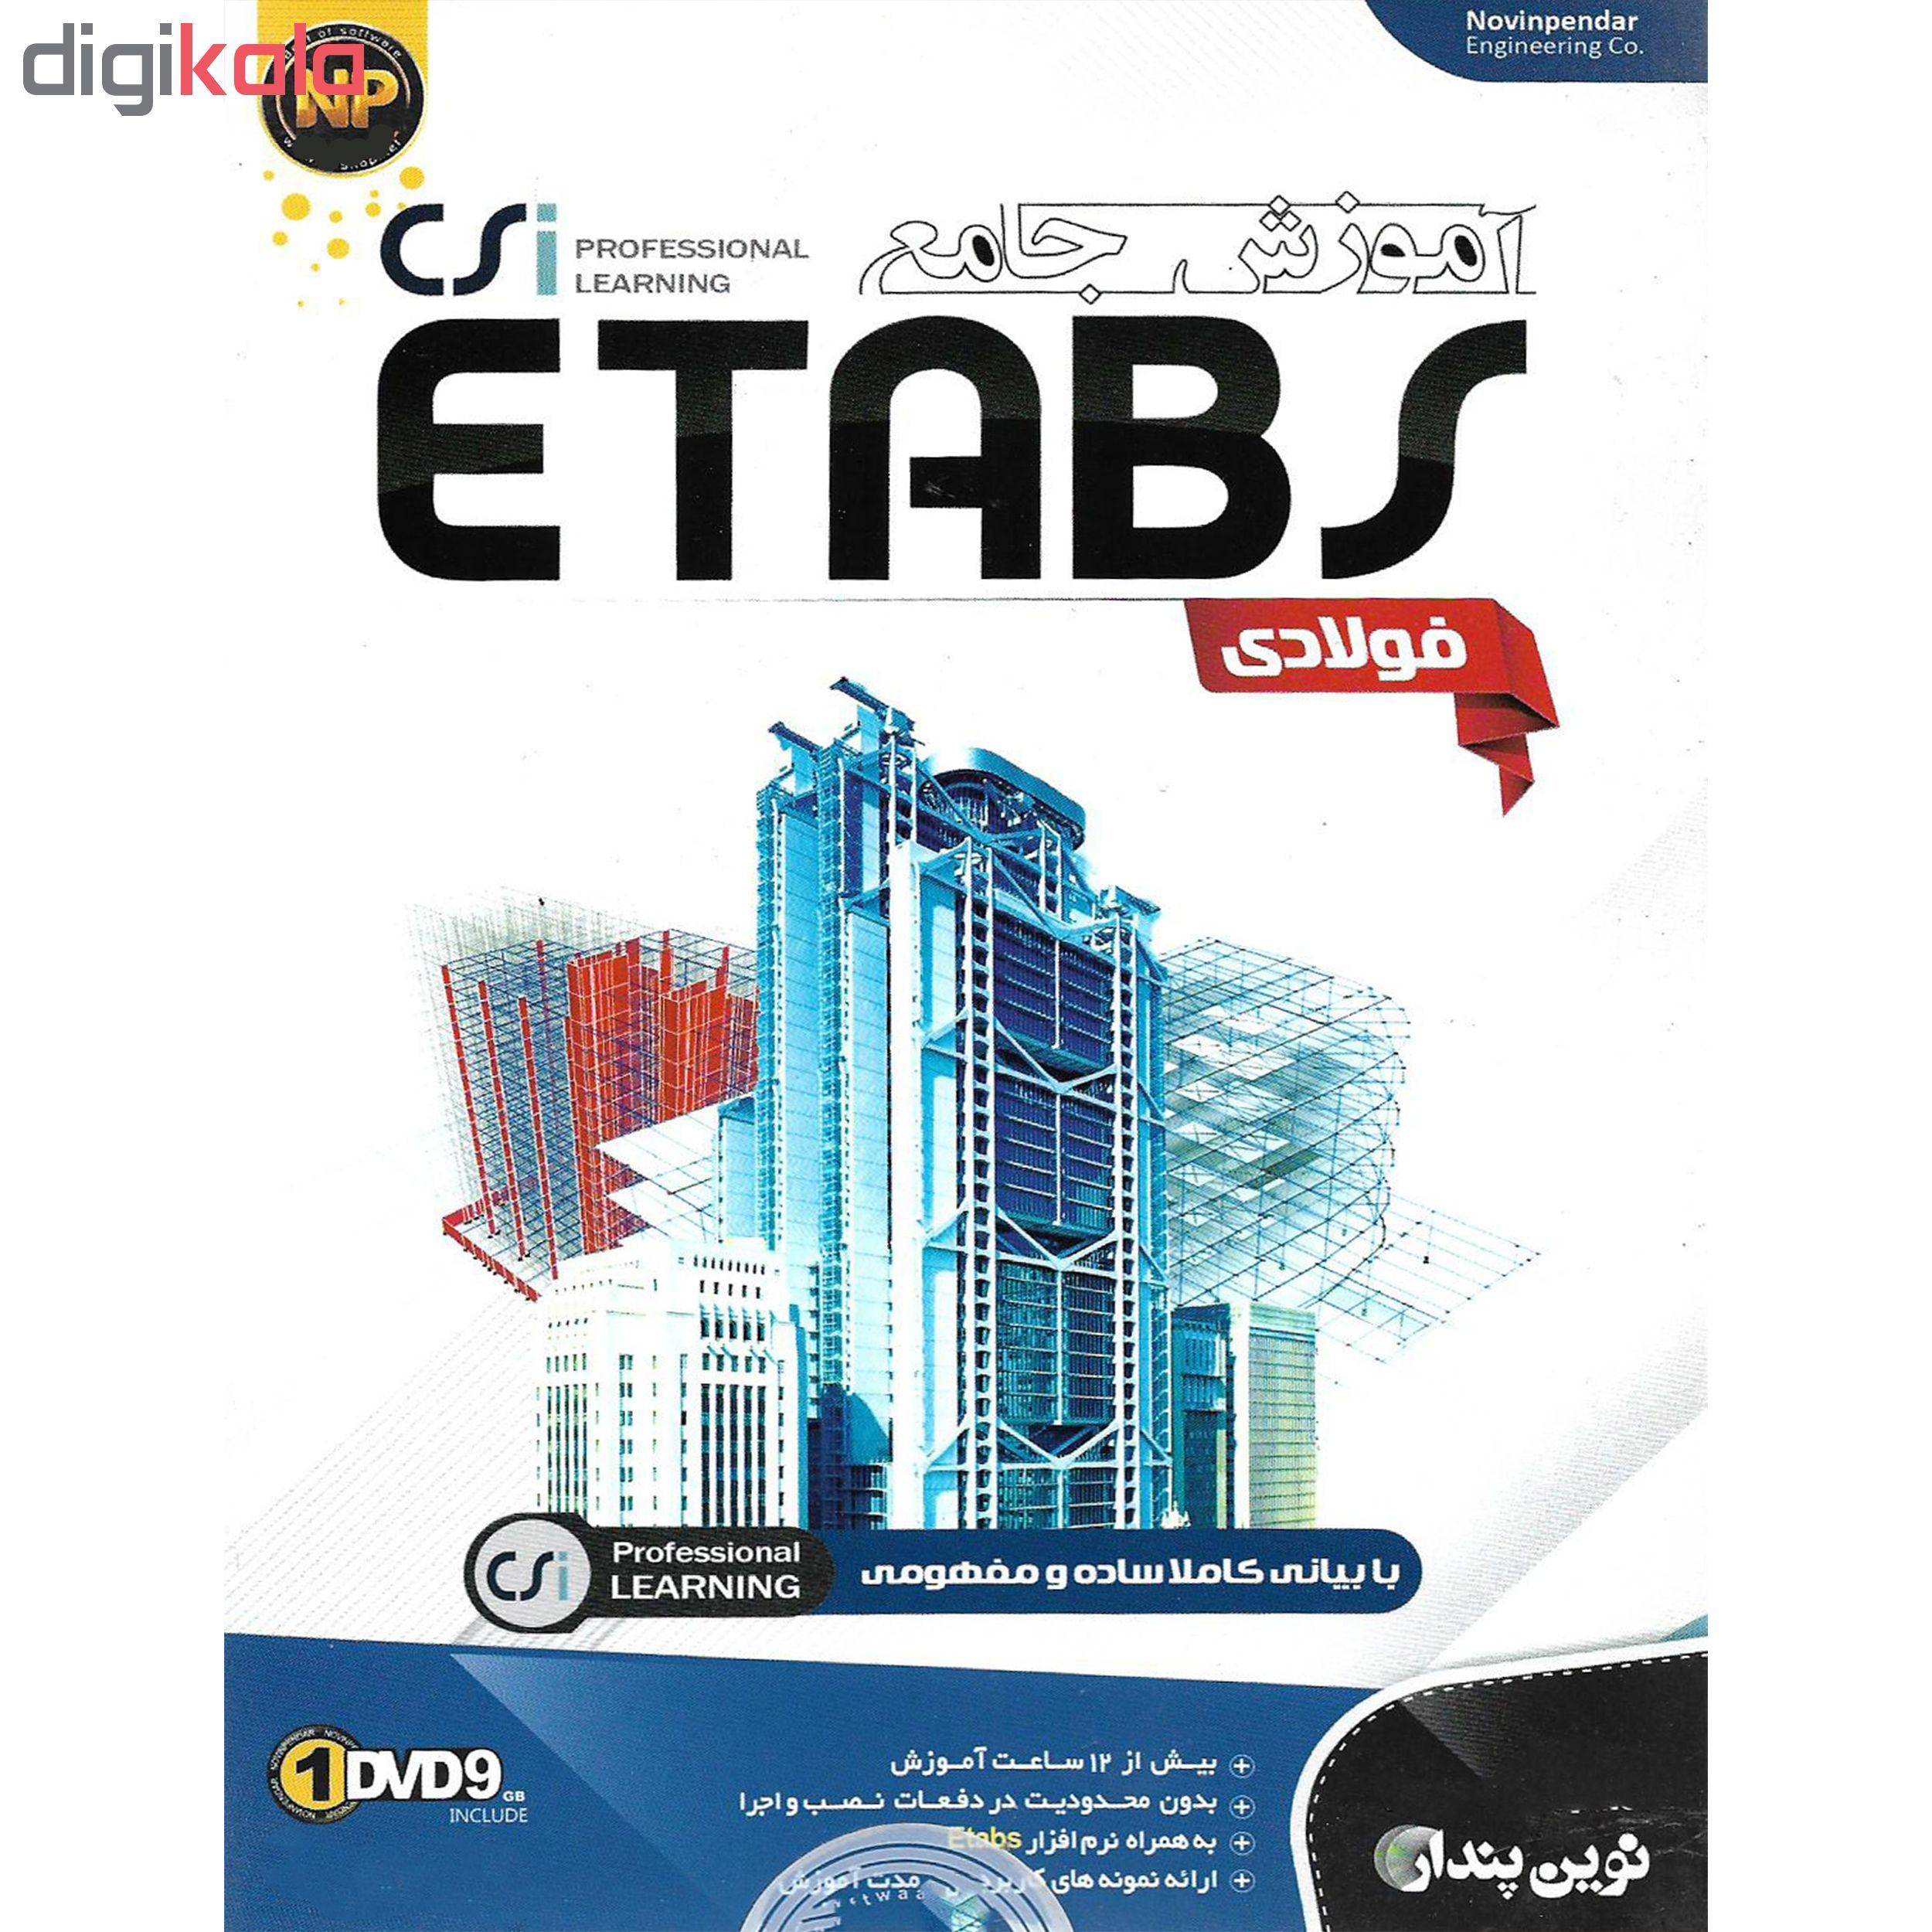 نرم افزار آموزش ETABS فولادی نشر نوین پندار به همراه نرم افزار آموزش ETABS نشر پدیده